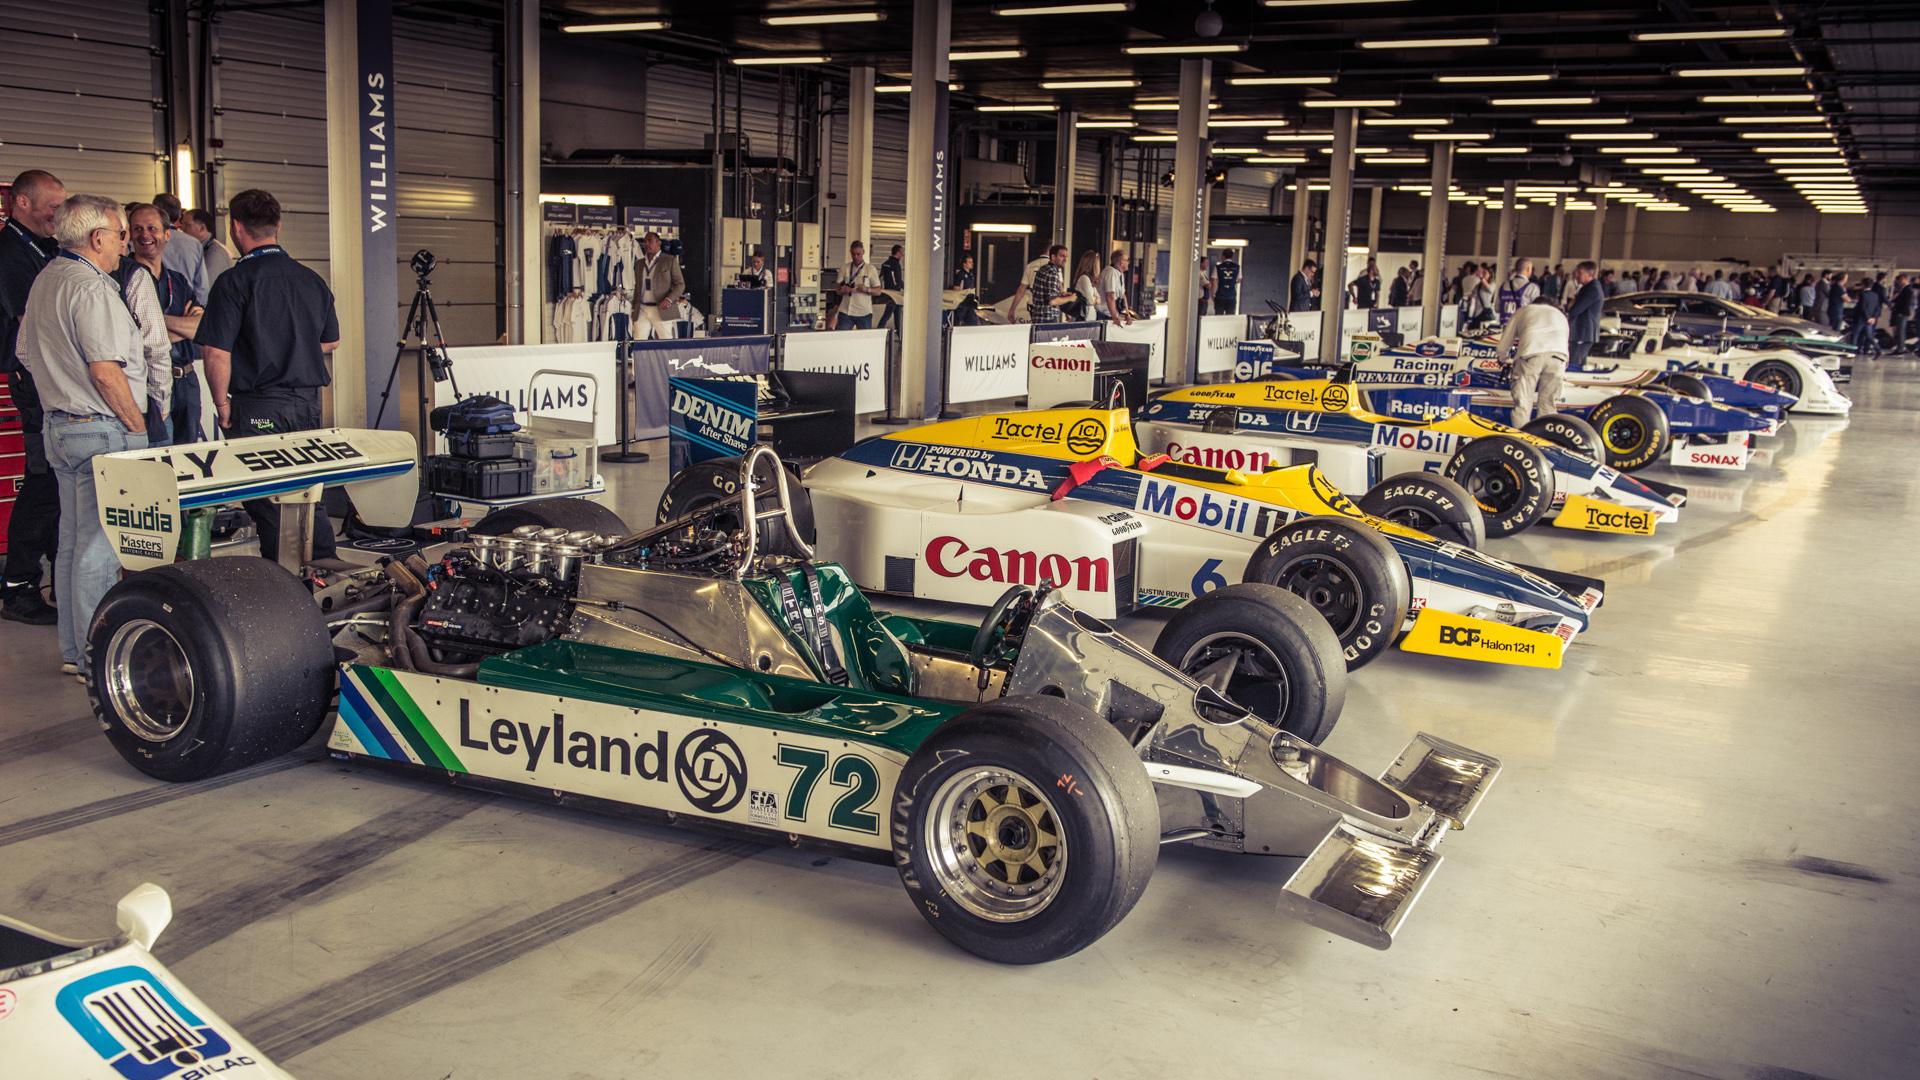 Williams F1 40th birthday bash Silverstone